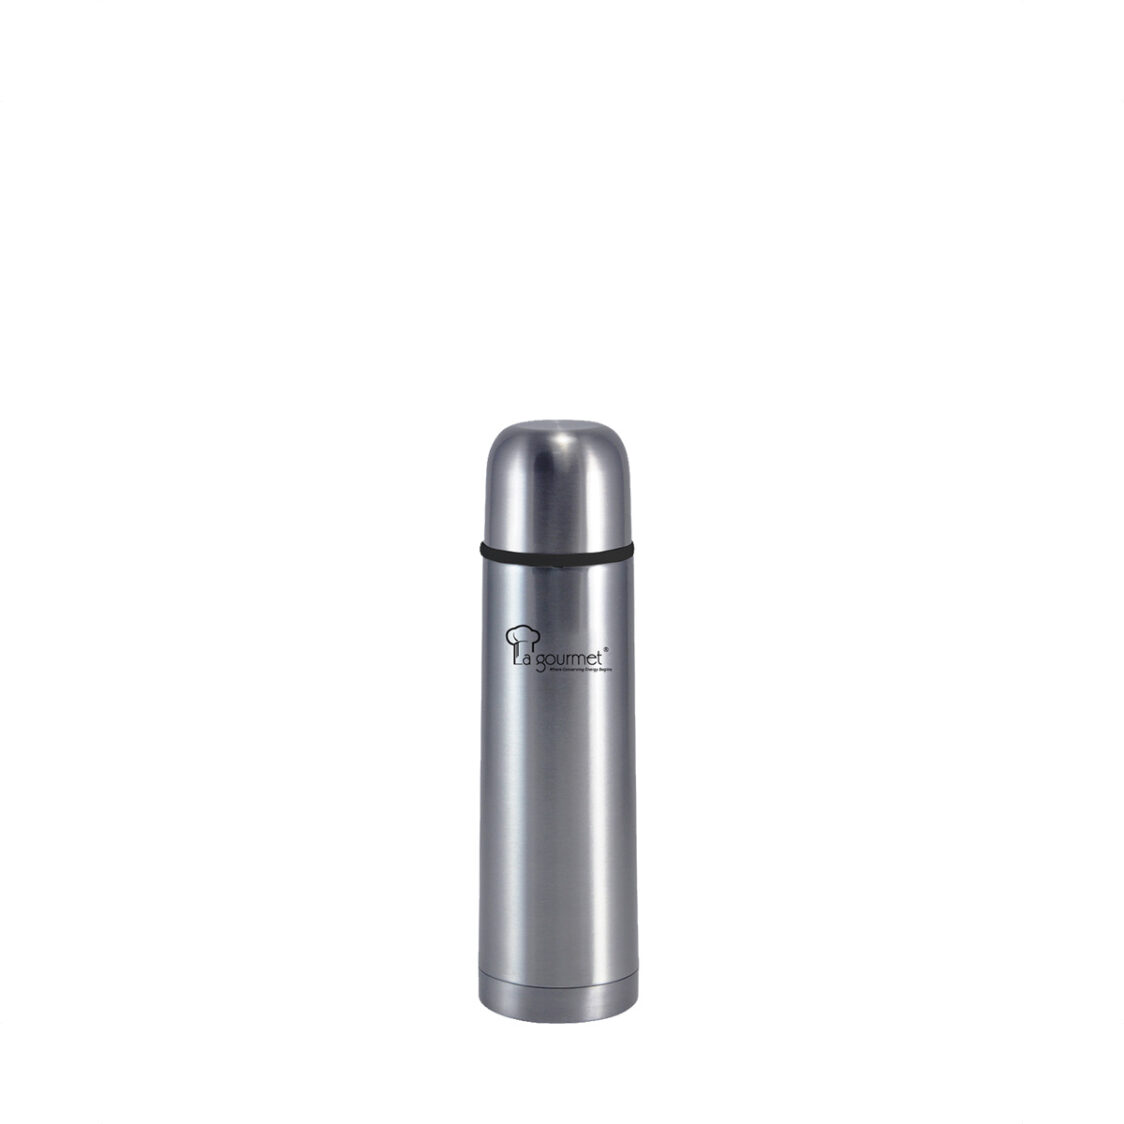 La Gourmet Sakura Plus 05L Thermal Flask - Metallic Grey LGSP338624